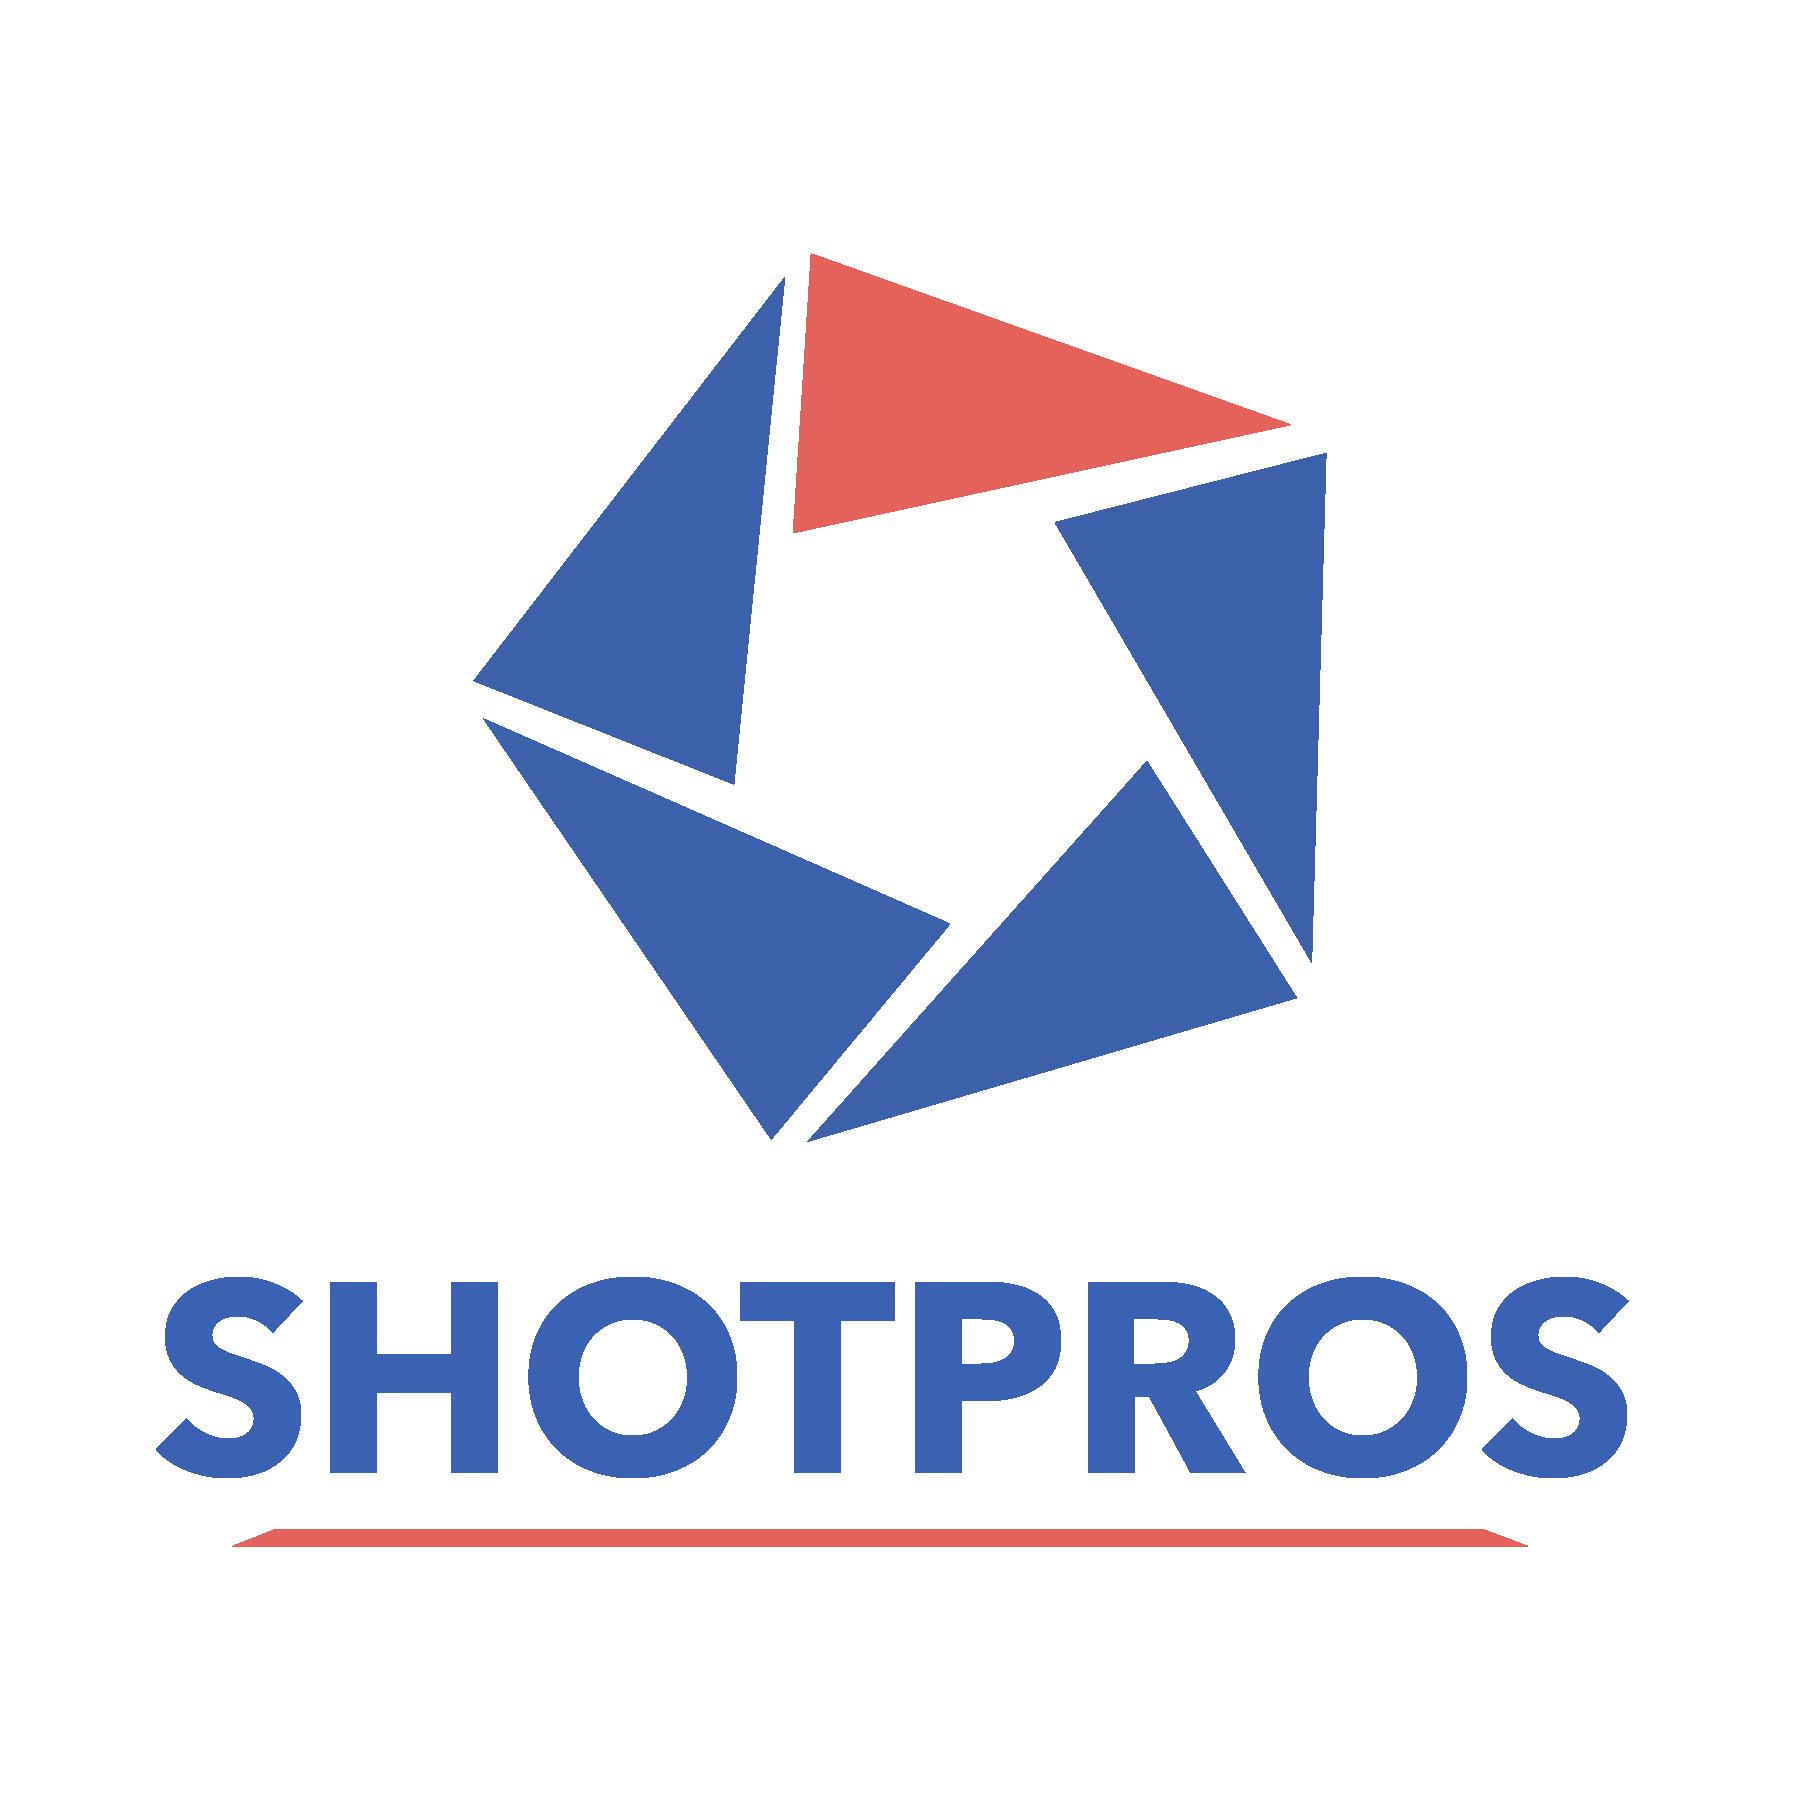 SHOTPROS Logo